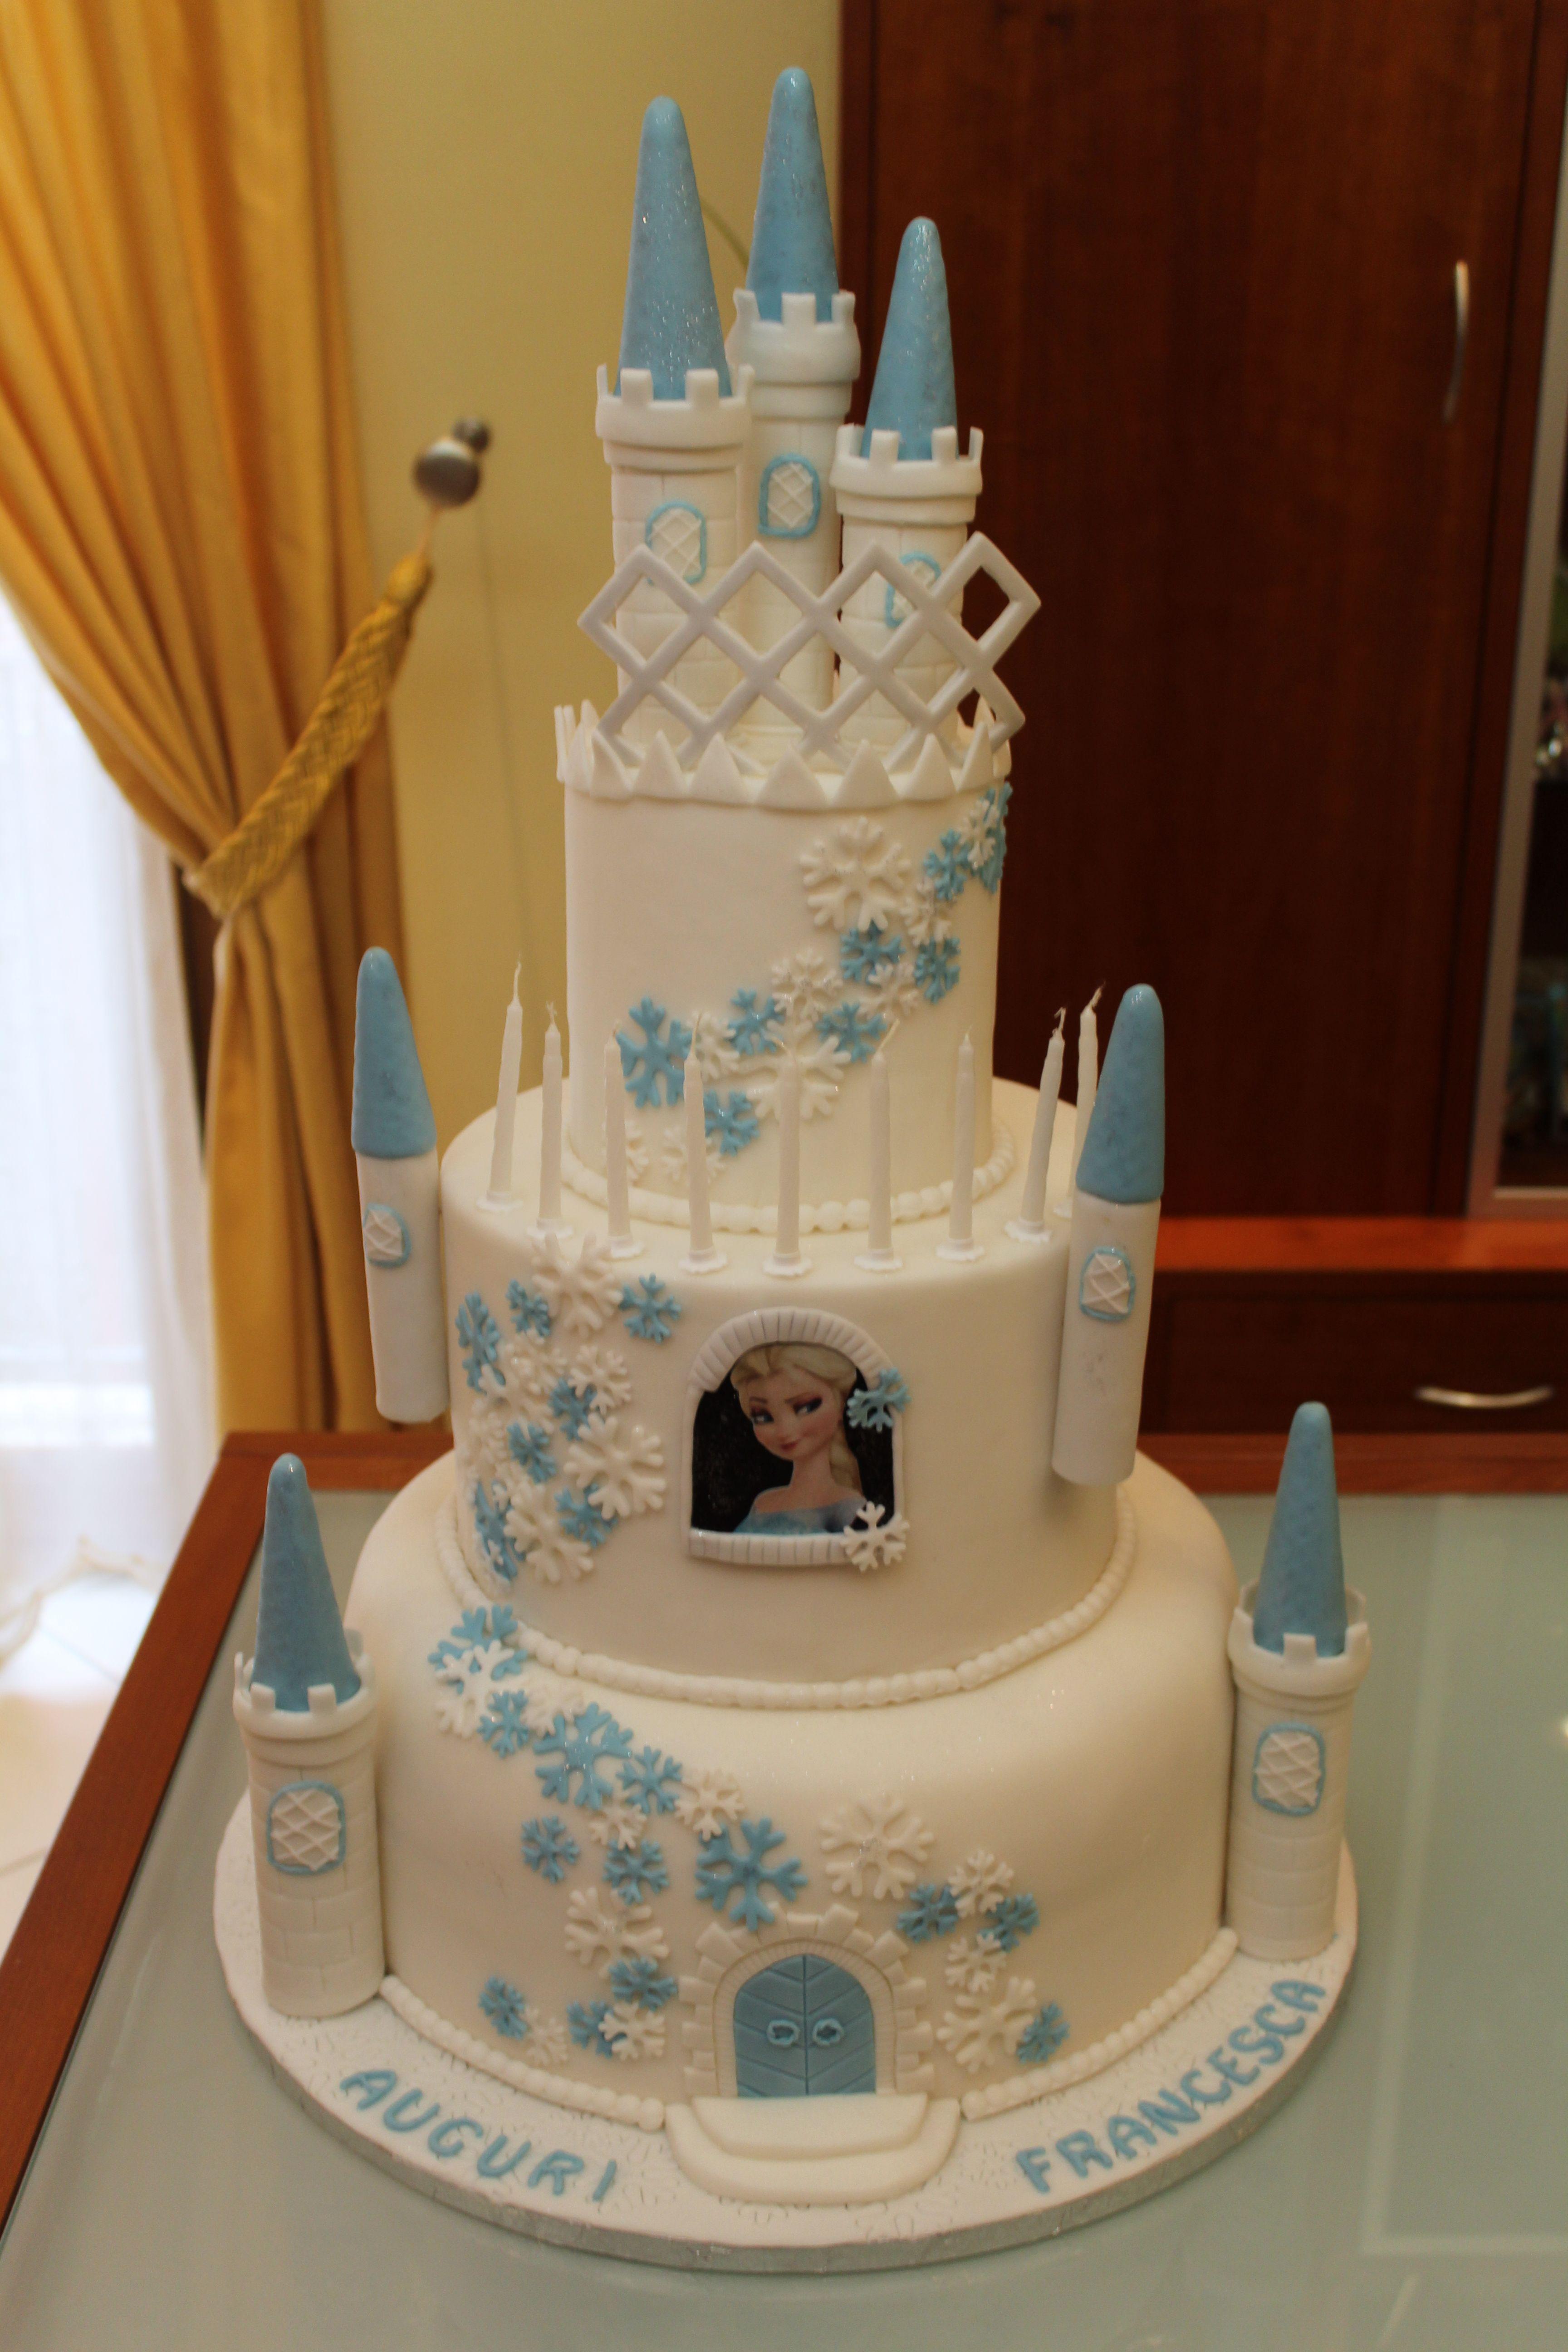 риты торт замок с анной эльзой фото внутренних внешних